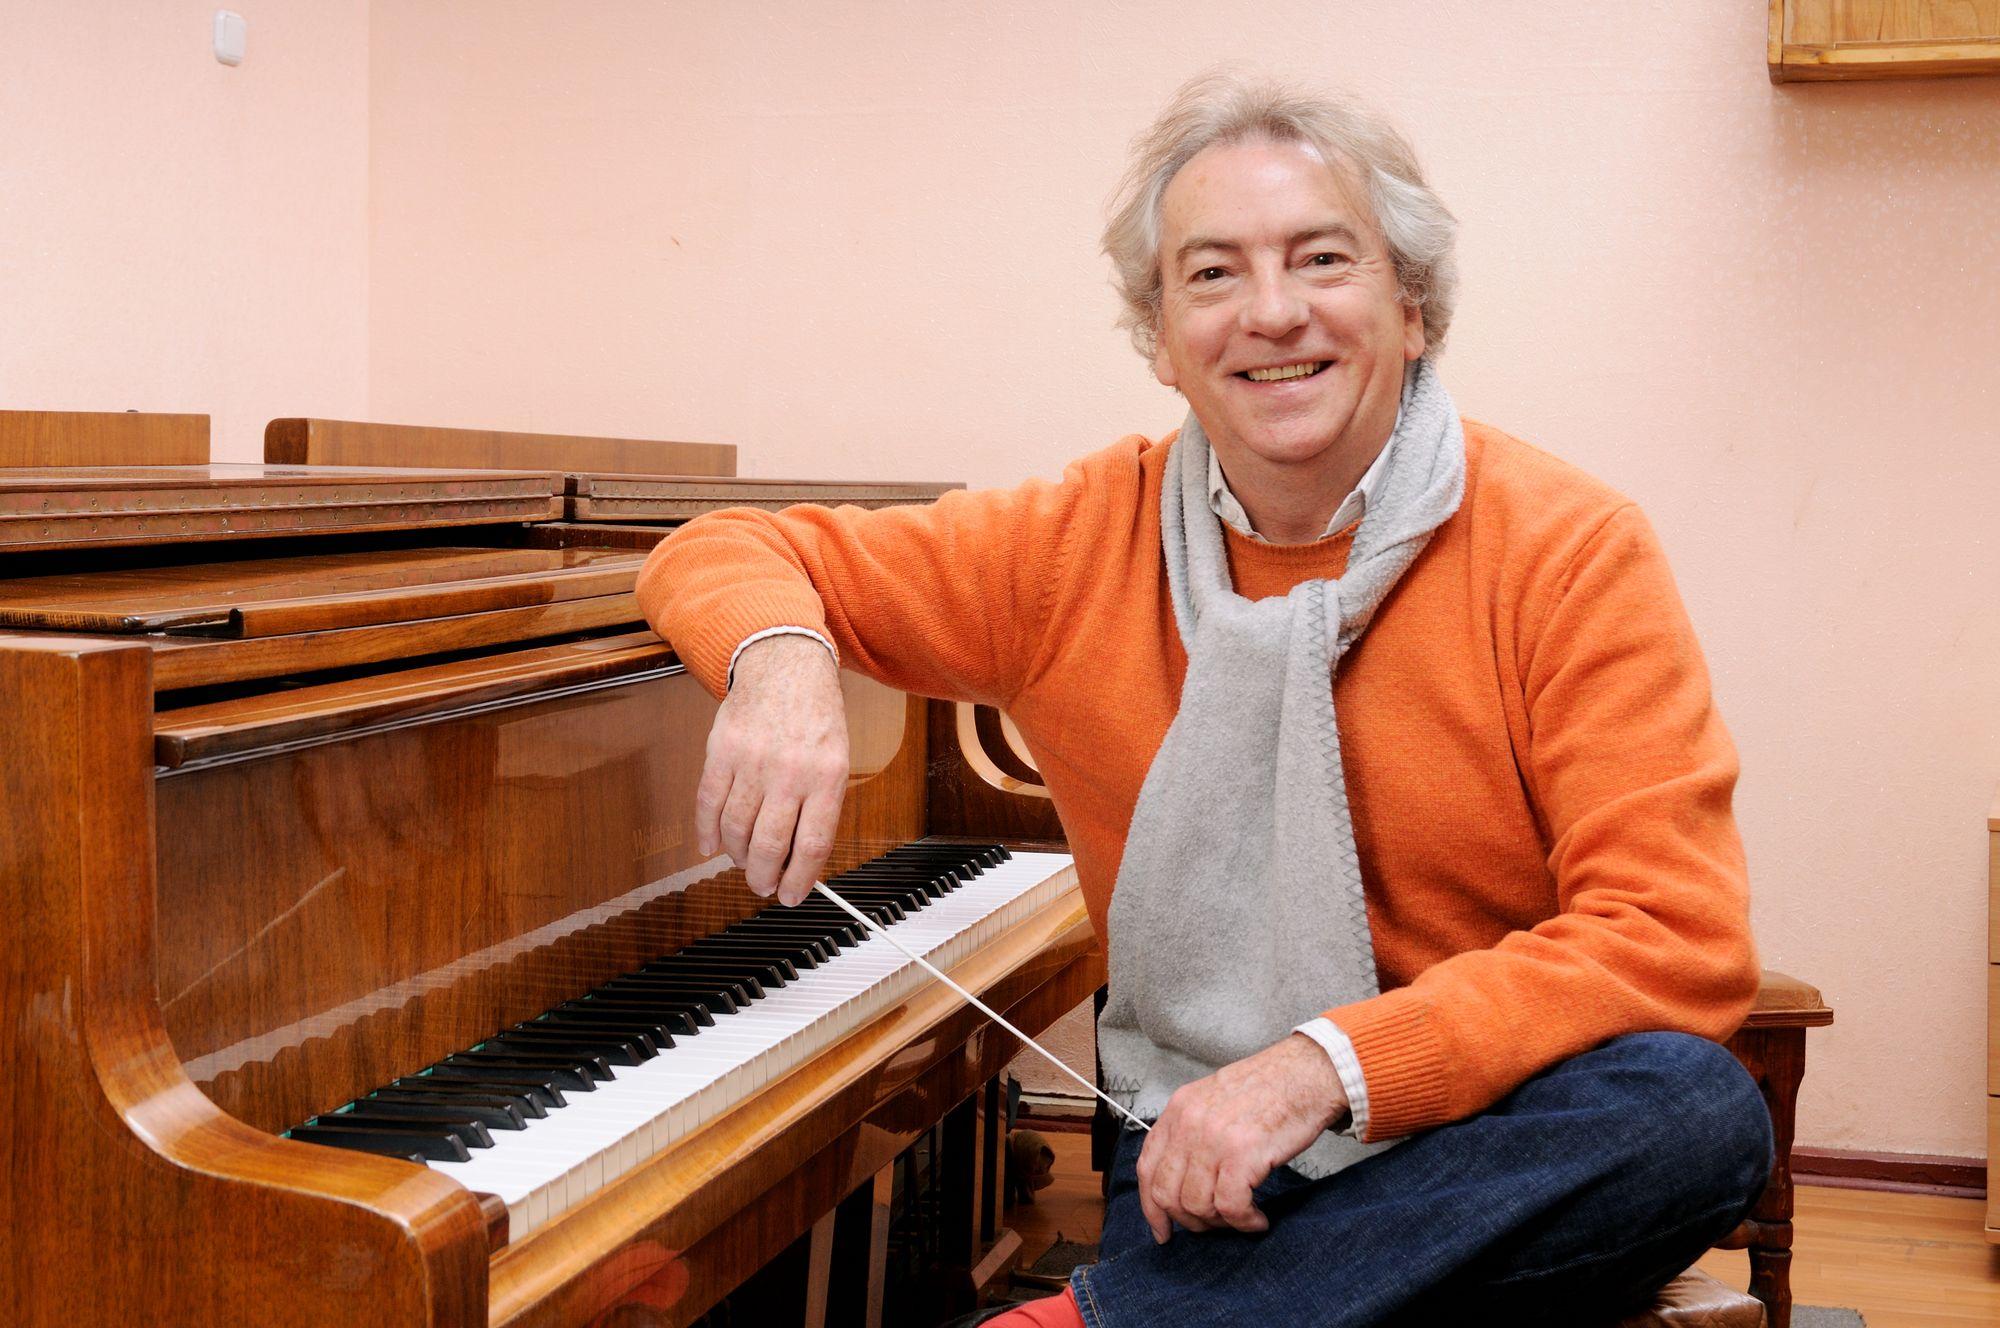 Профессор Брюссельской королевской консерватории возглавит жюри музыкального конкурса в Череповце